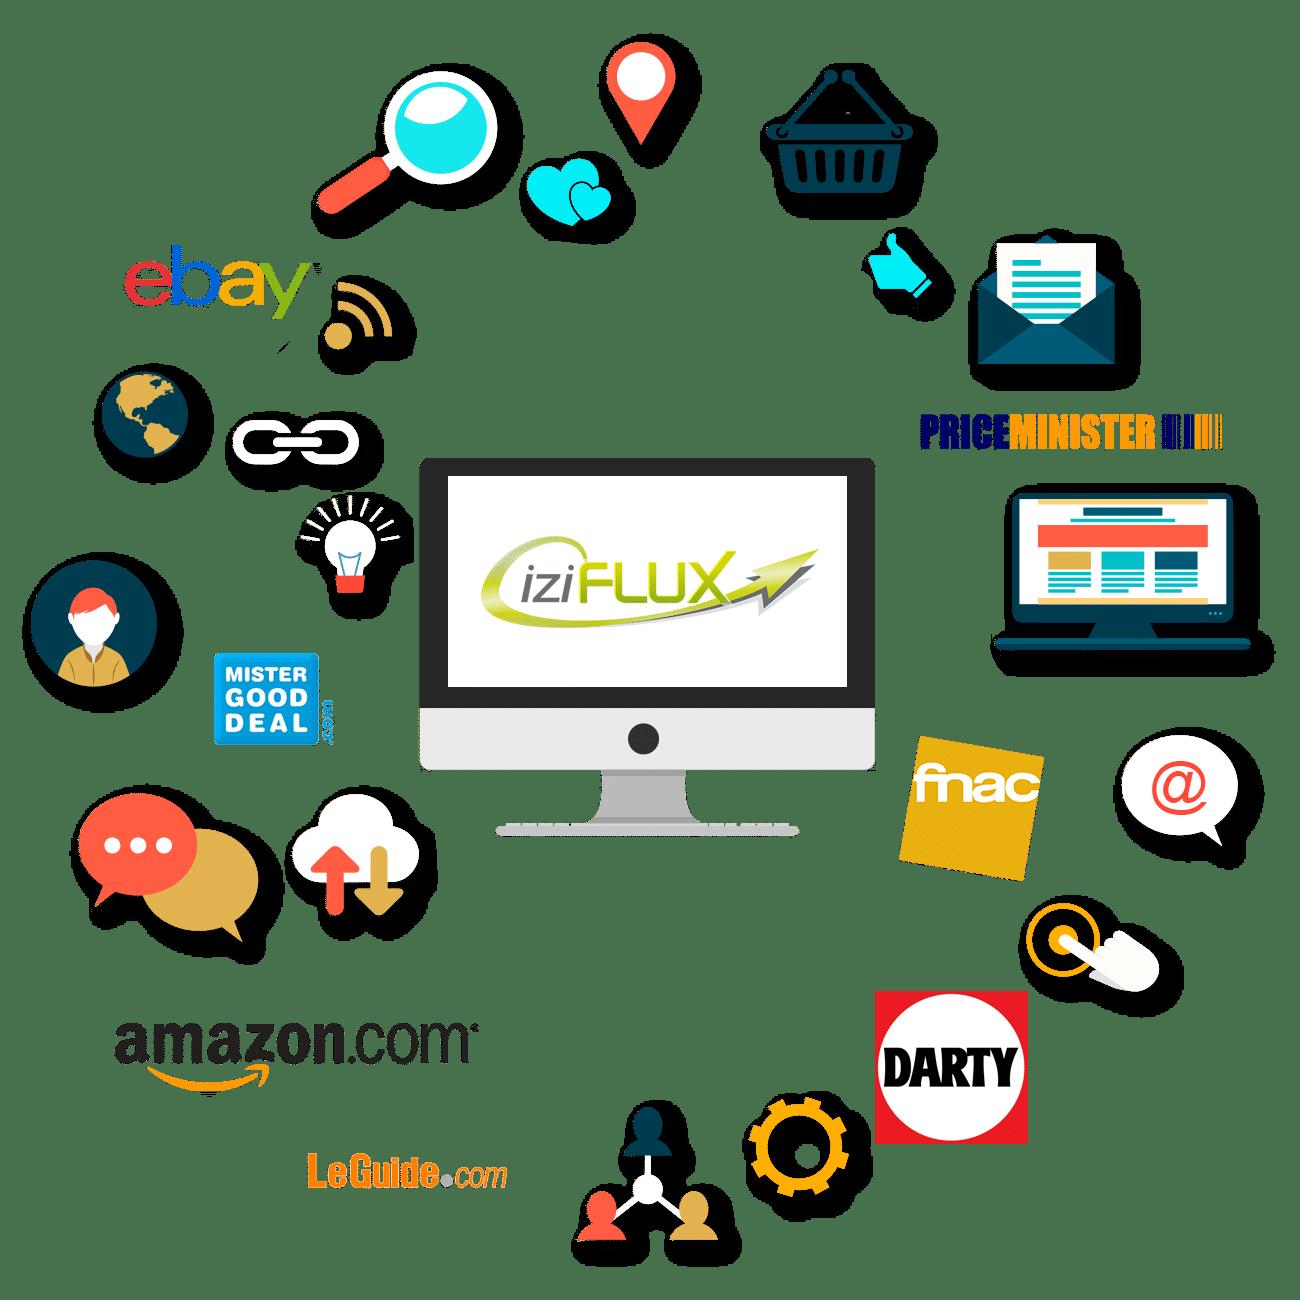 Iziflux-marketplace-comparateur